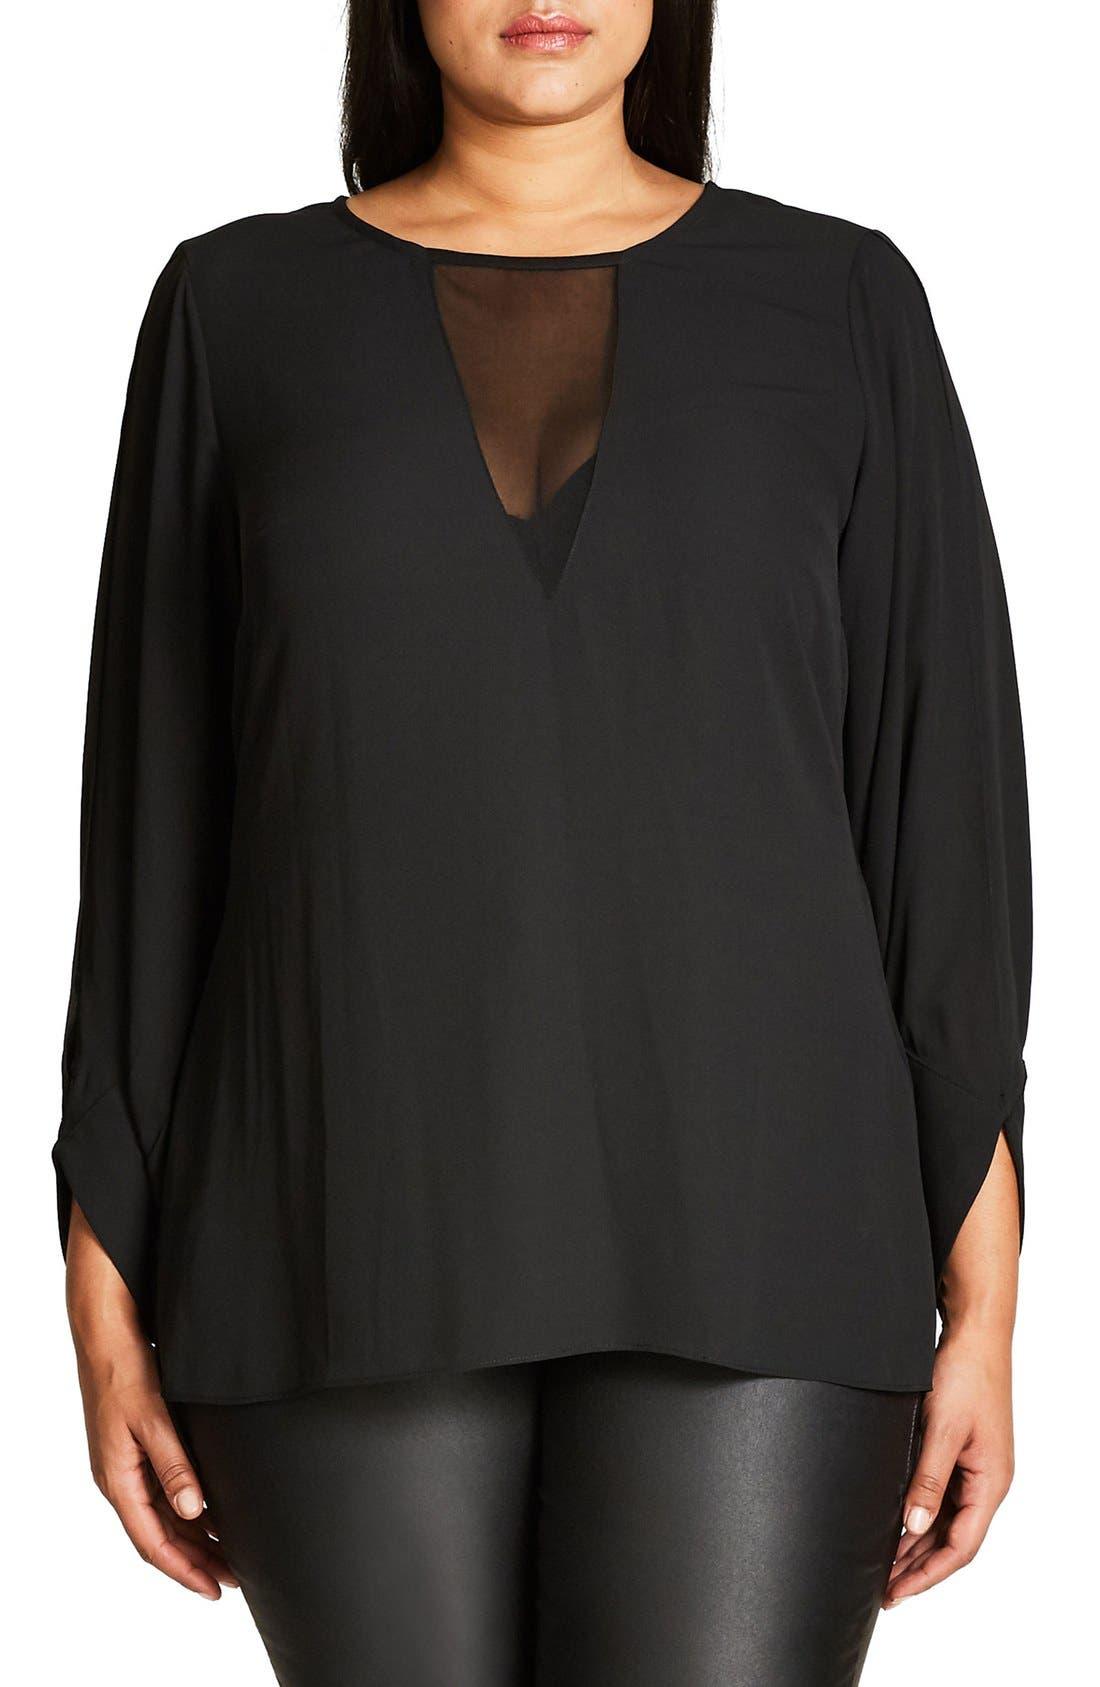 Peekaboo Blouse,                         Main,                         color, Black